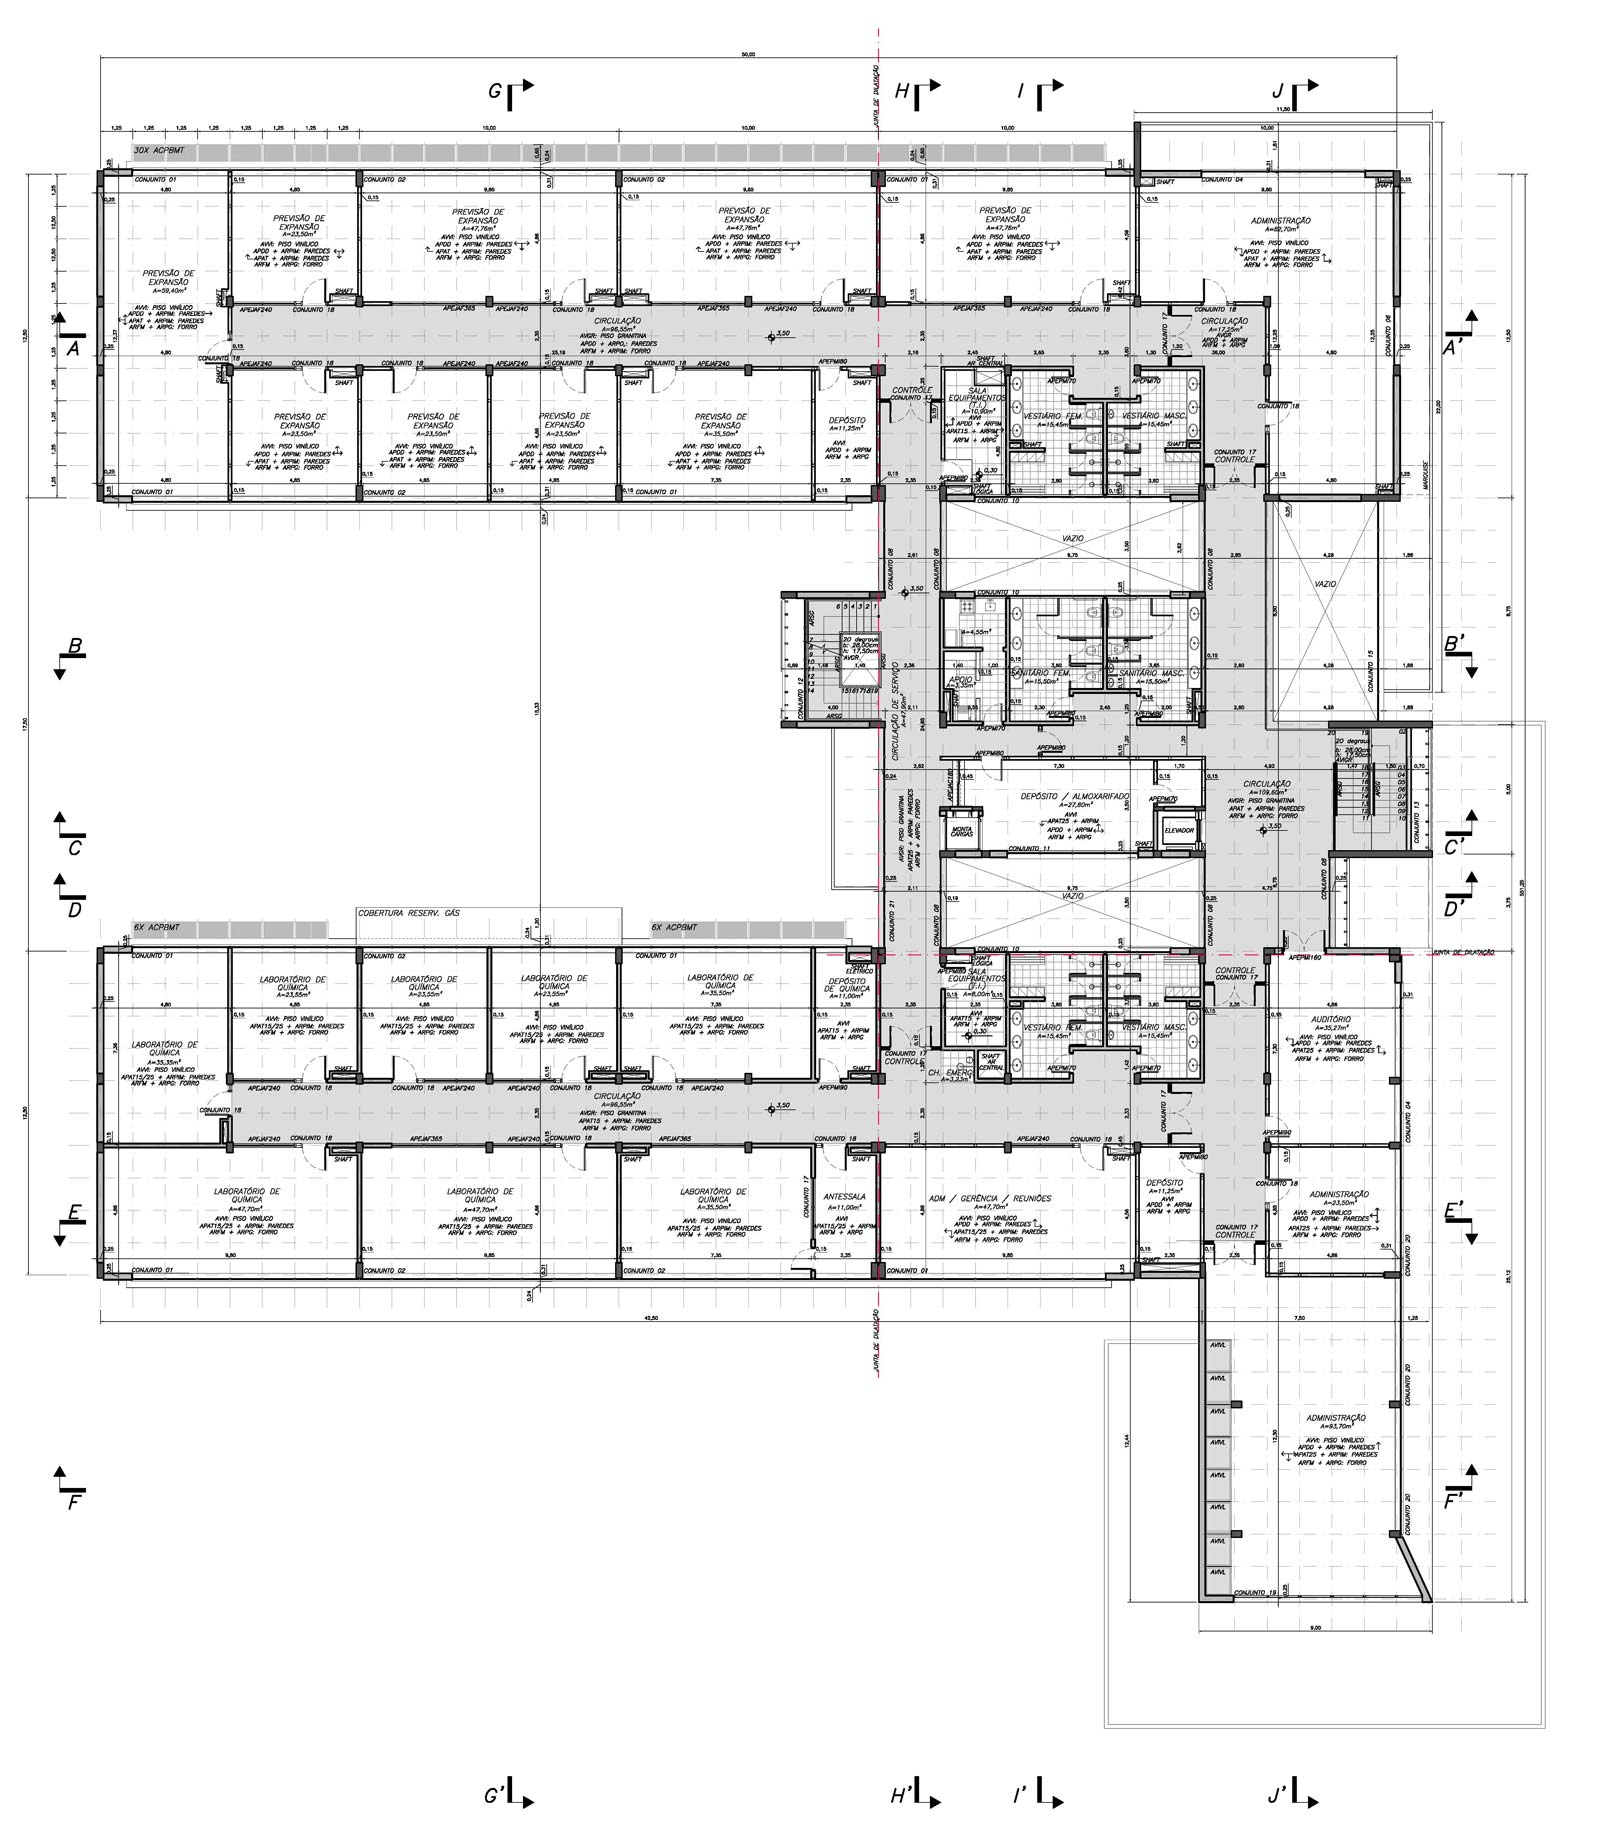 de escritório recepção copa banheiros depósitos auditório #785361 1600 1824